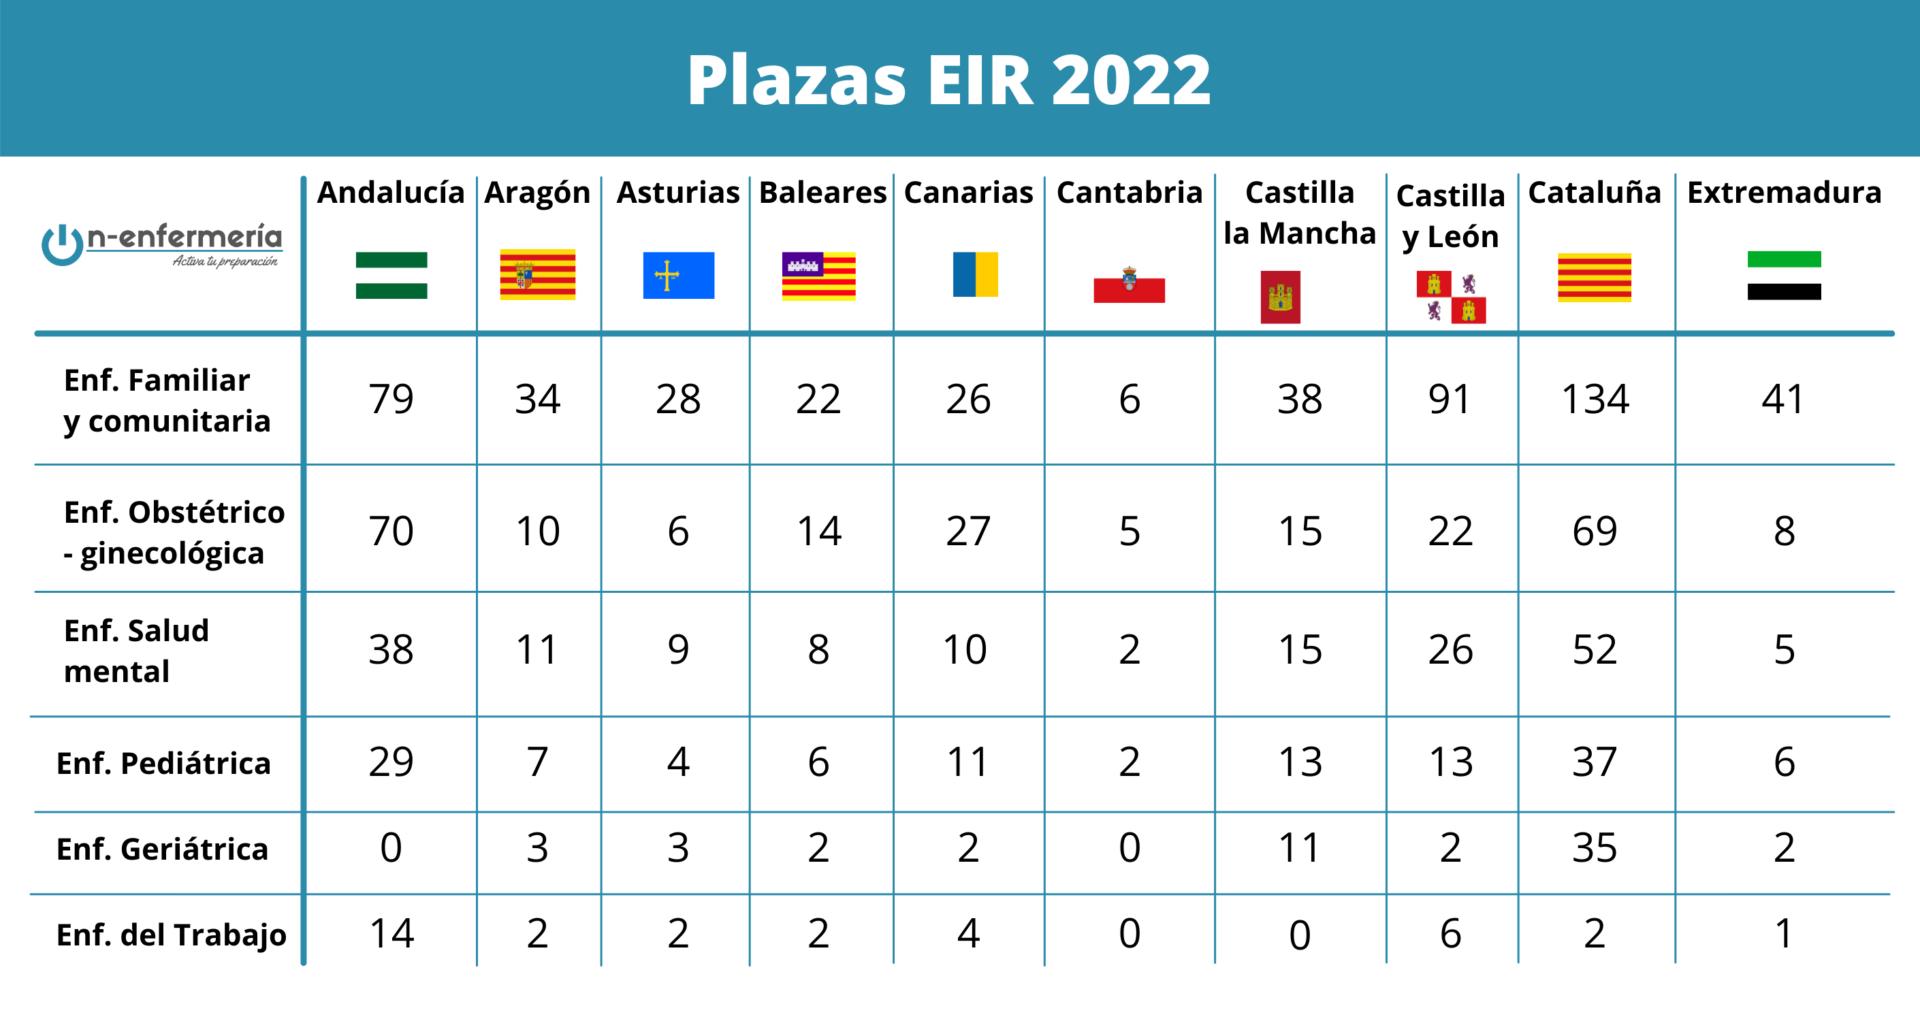 Plazas EIR 2022 por especialidad y comunidad 1